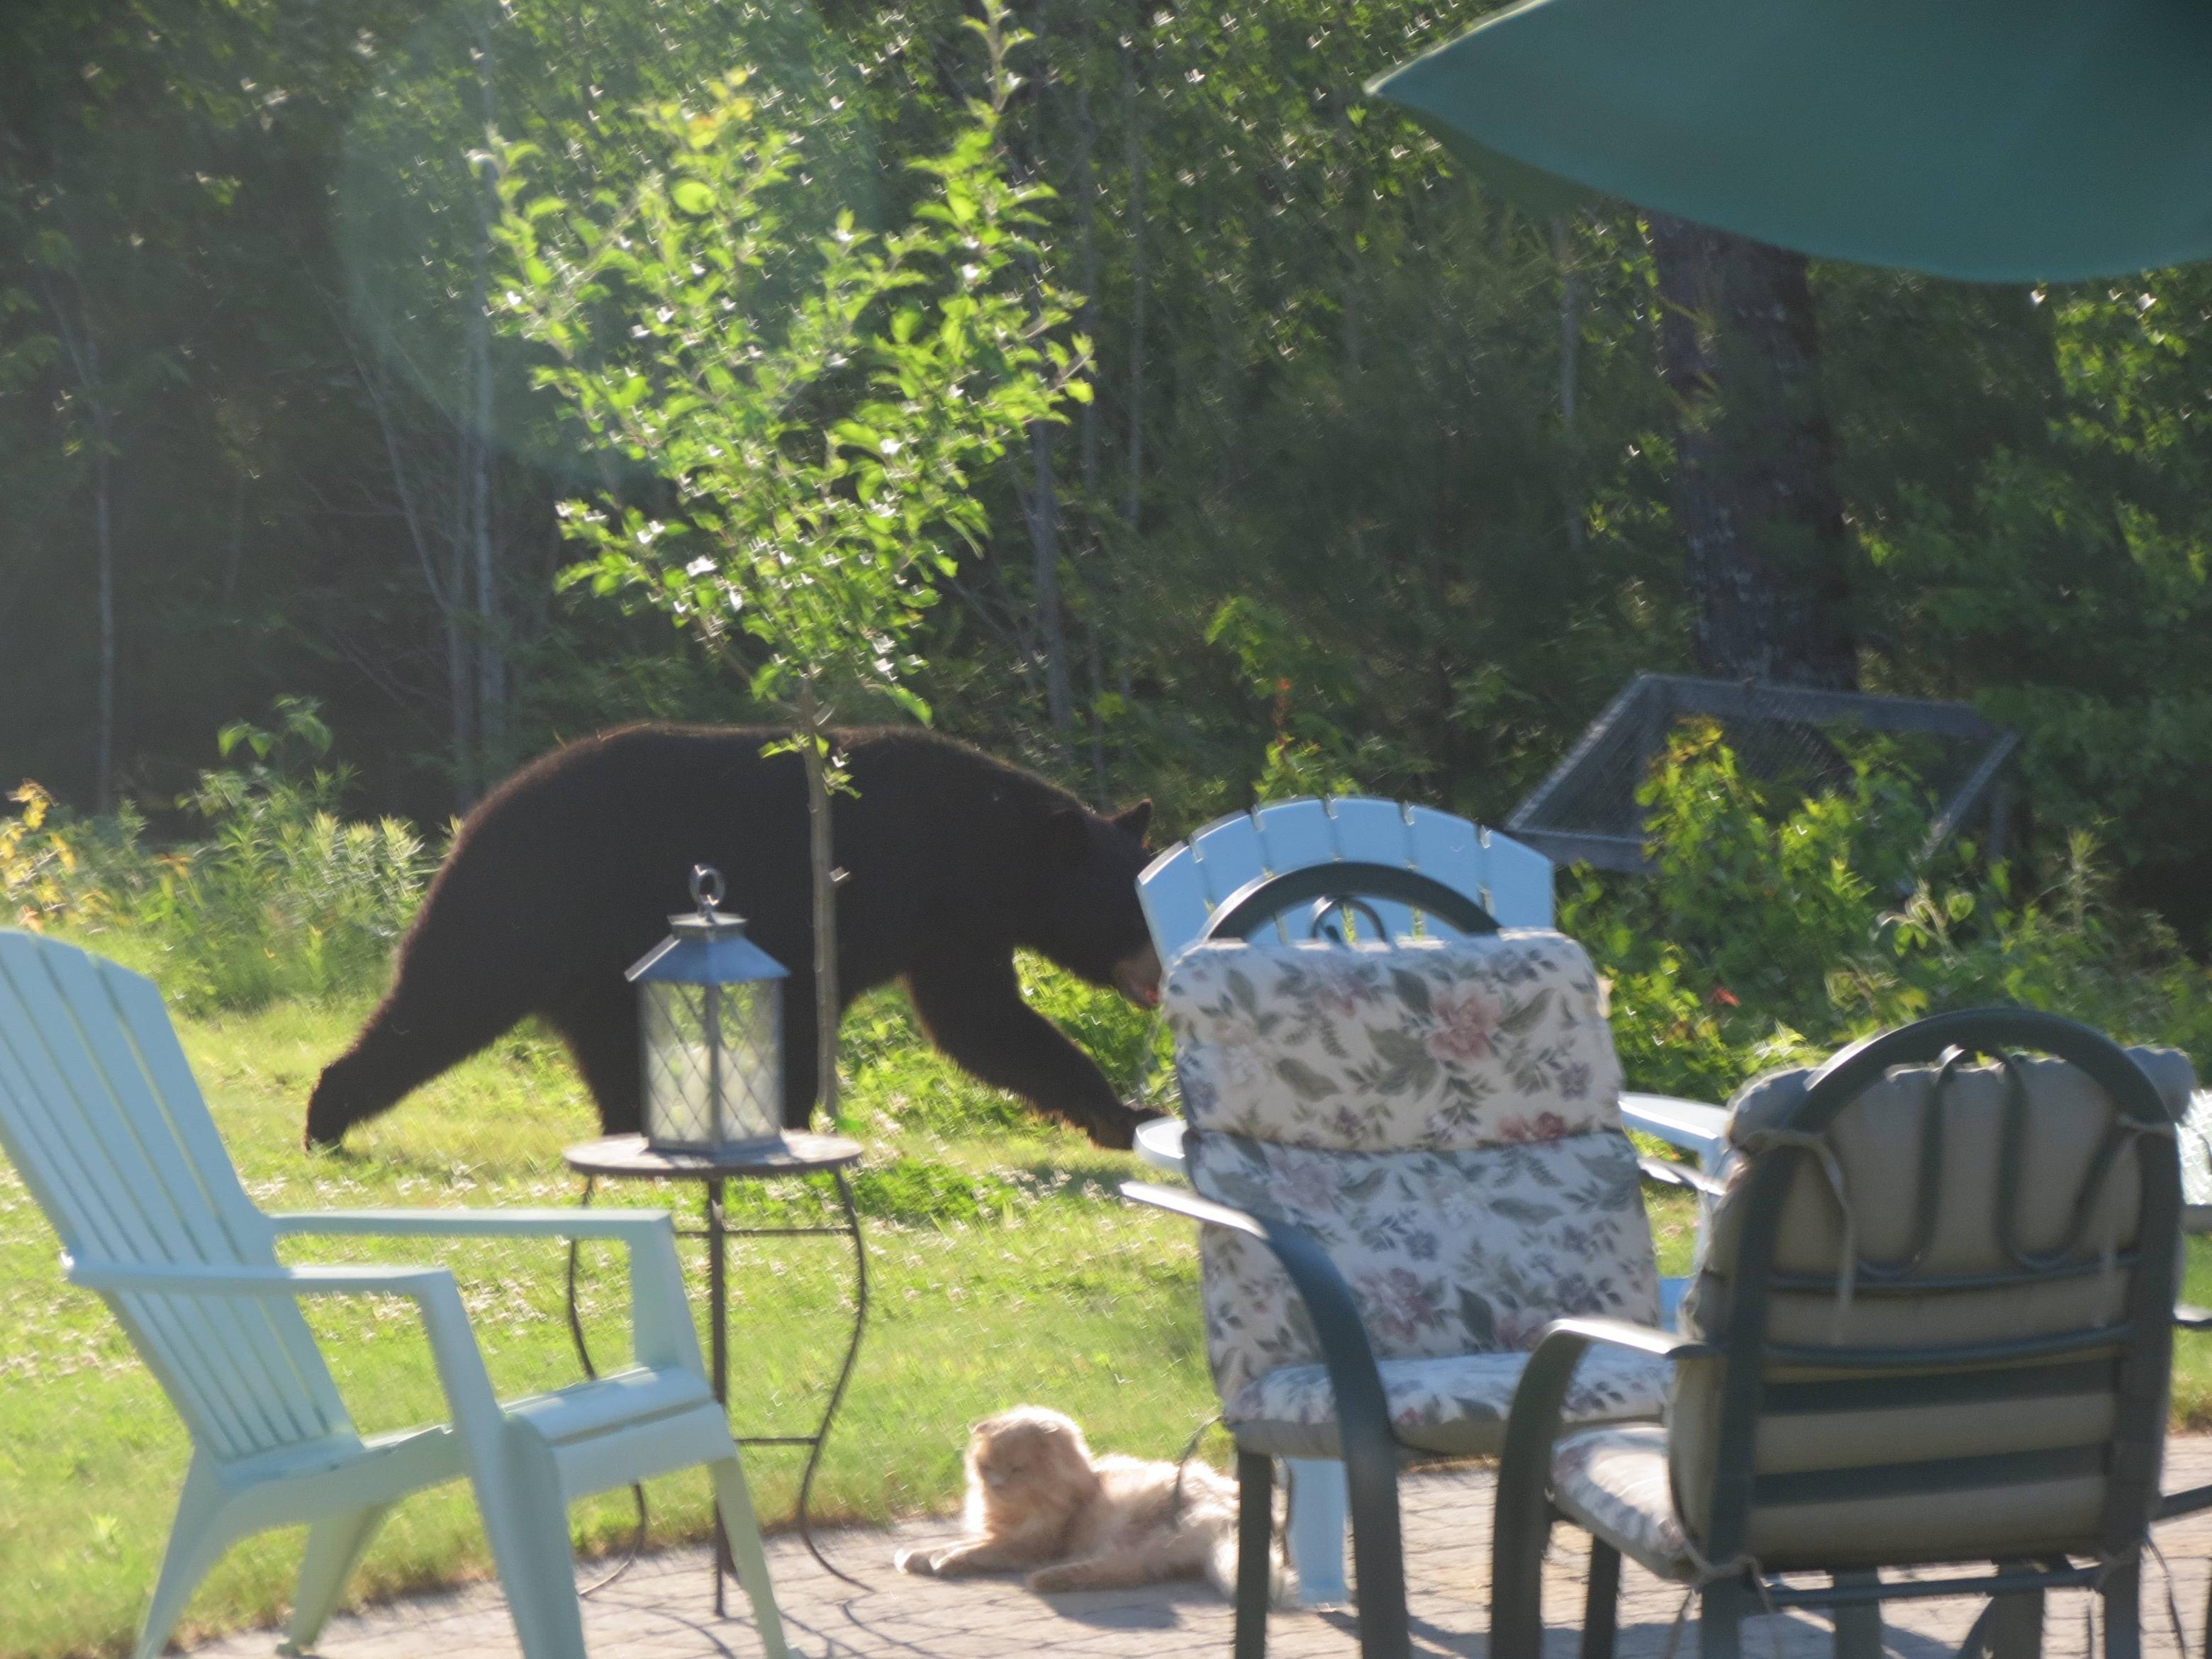 無関心すぎる熊と猫